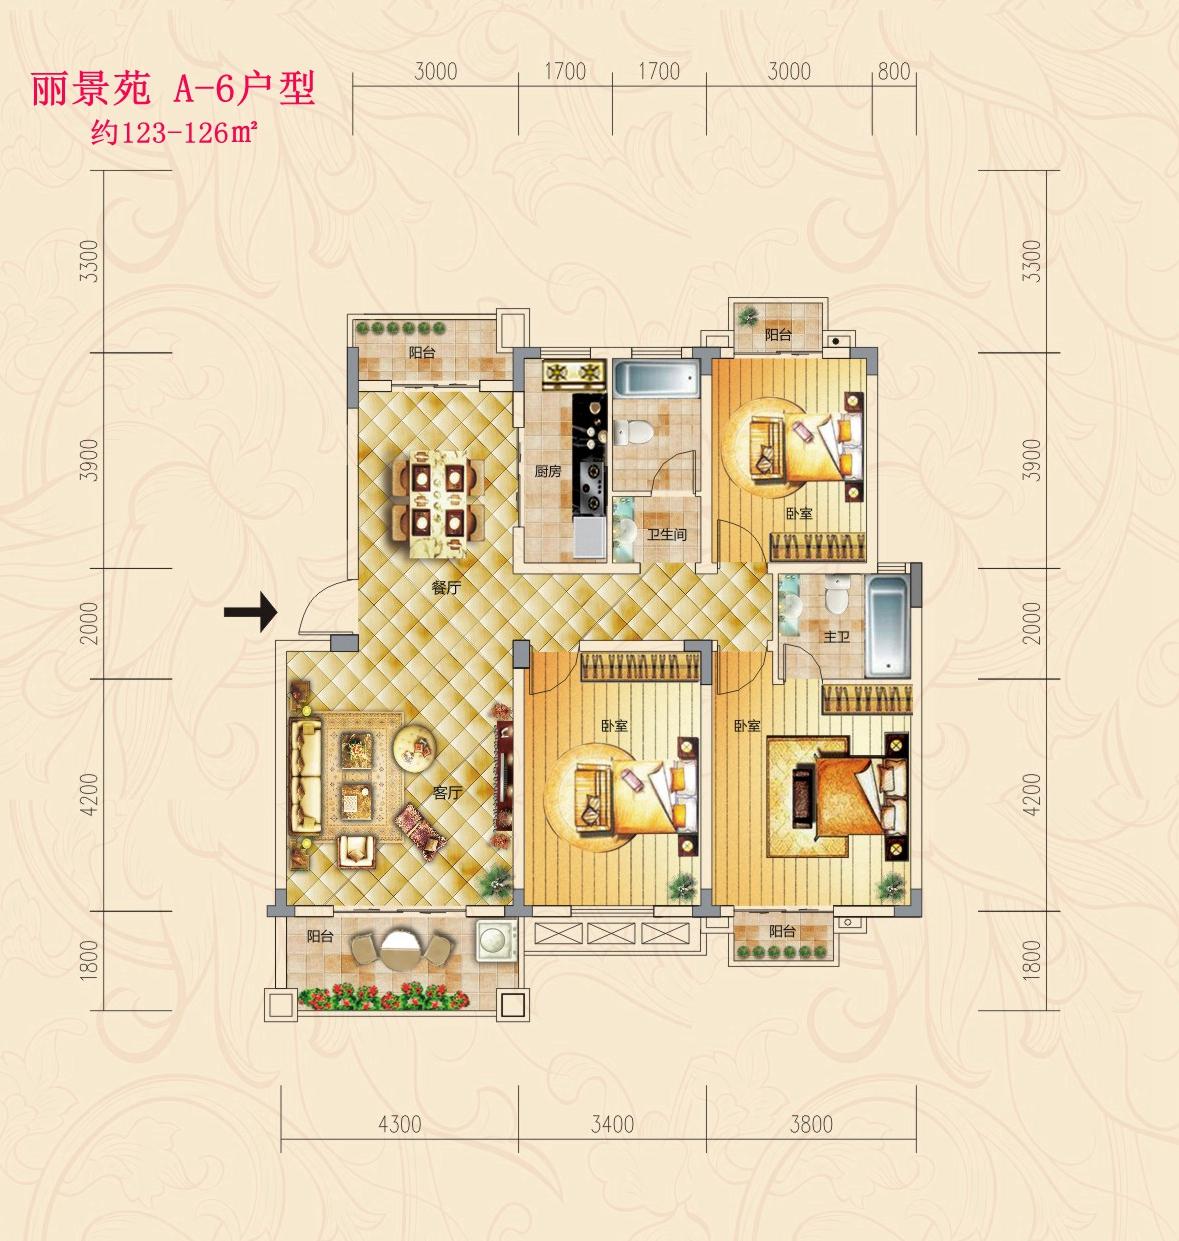 1,稀缺楼梯房:三房两厅两卫四阳台,约125平方米.